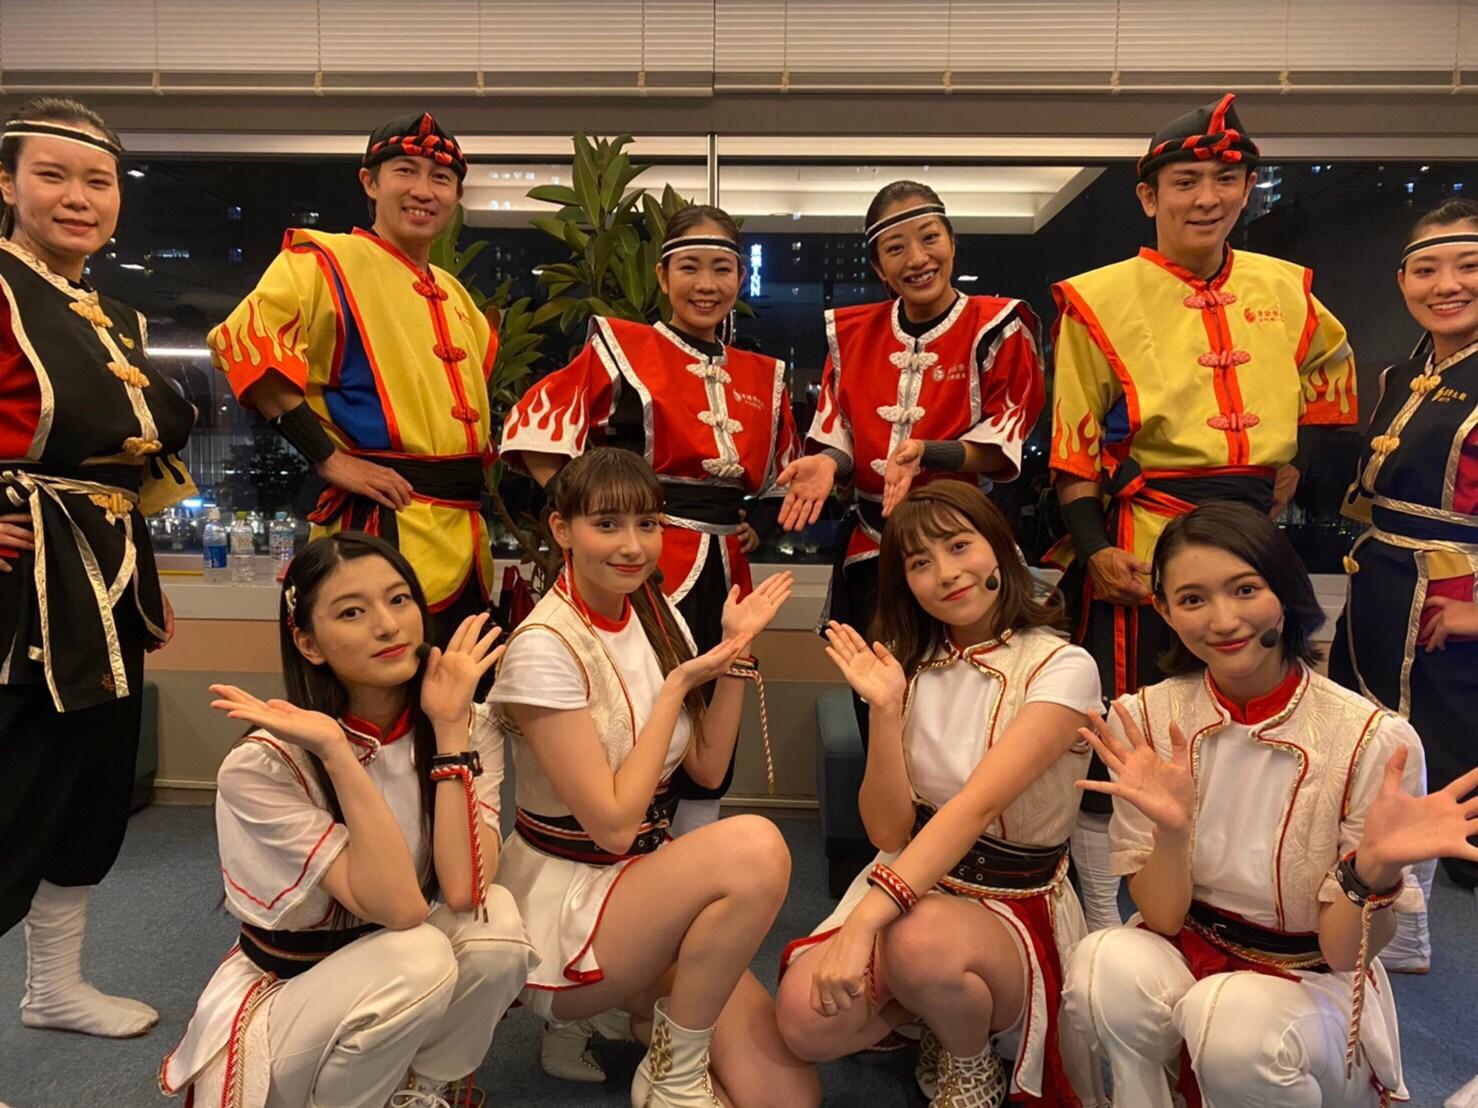 チュニキャン&昇龍祭太鼓